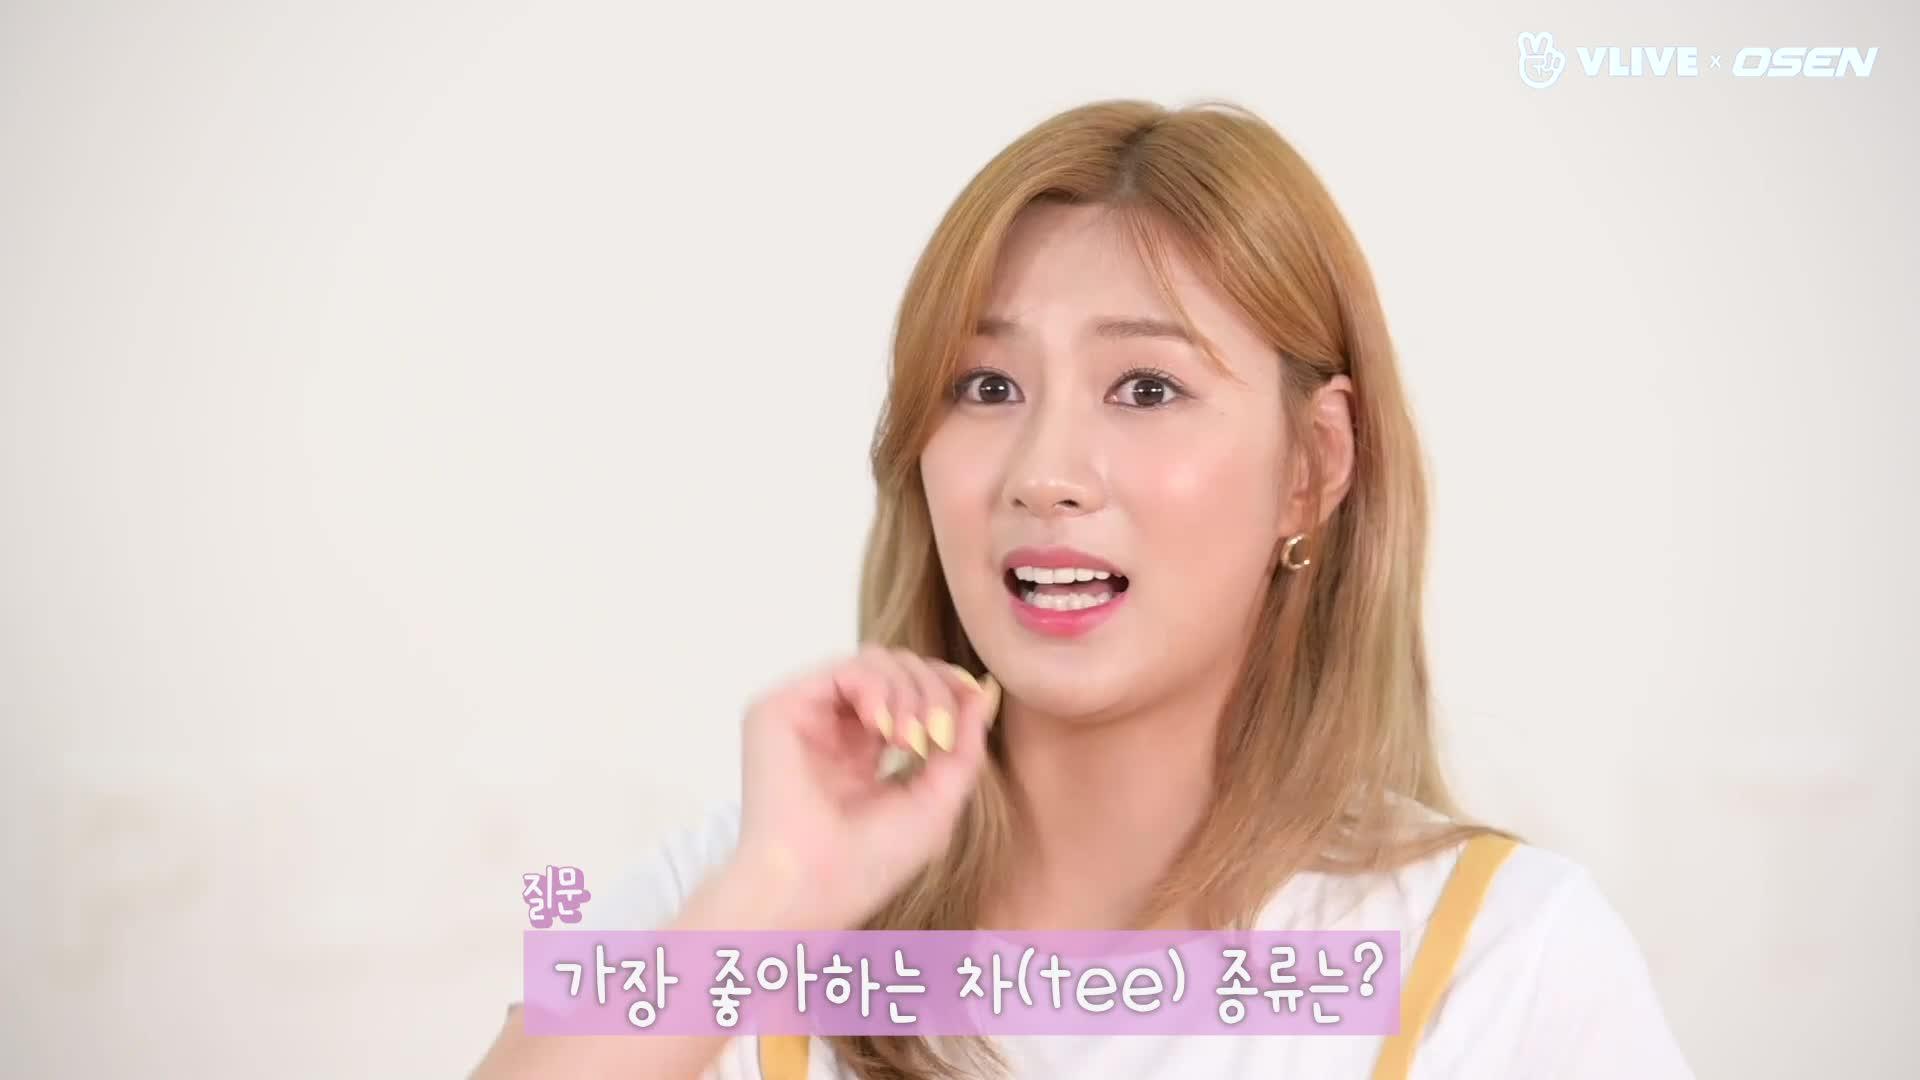 '스타로드' Apink 오하영이 가장 좋아하는 연예인은?#EP 05